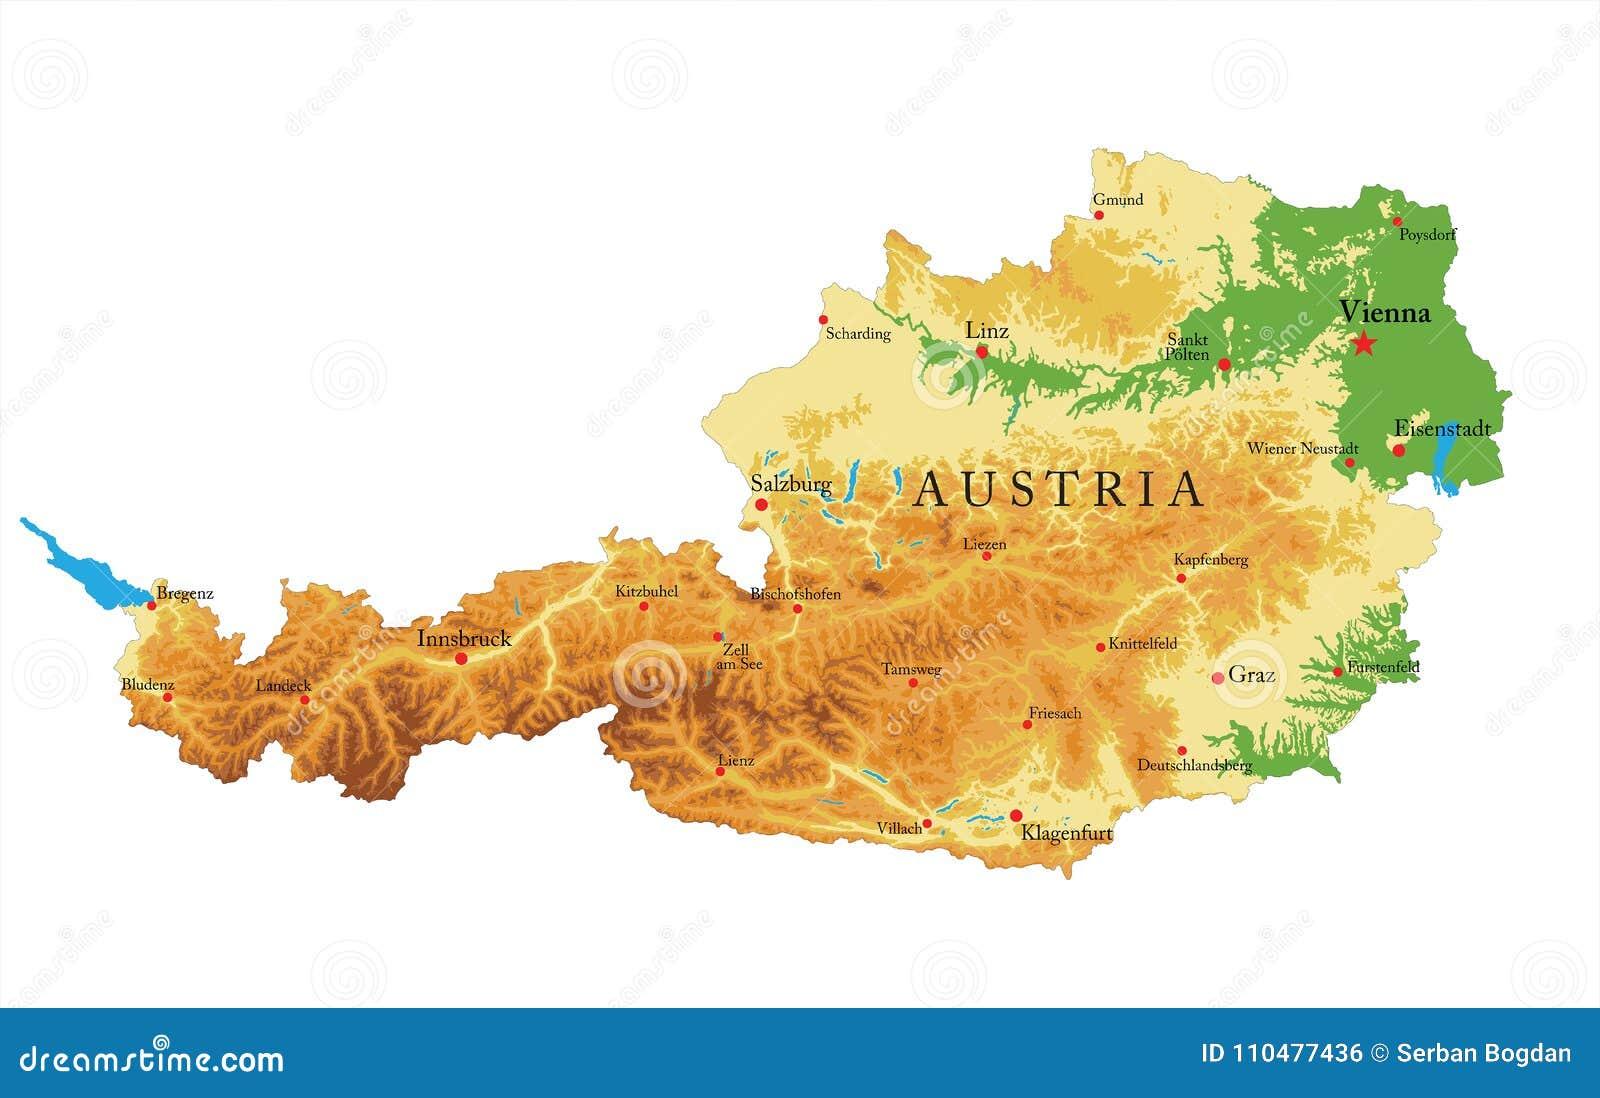 Cartina Del Austria.Map Austria Stock Illustrations 7 734 Map Austria Stock Illustrations Vectors Clipart Dreamstime